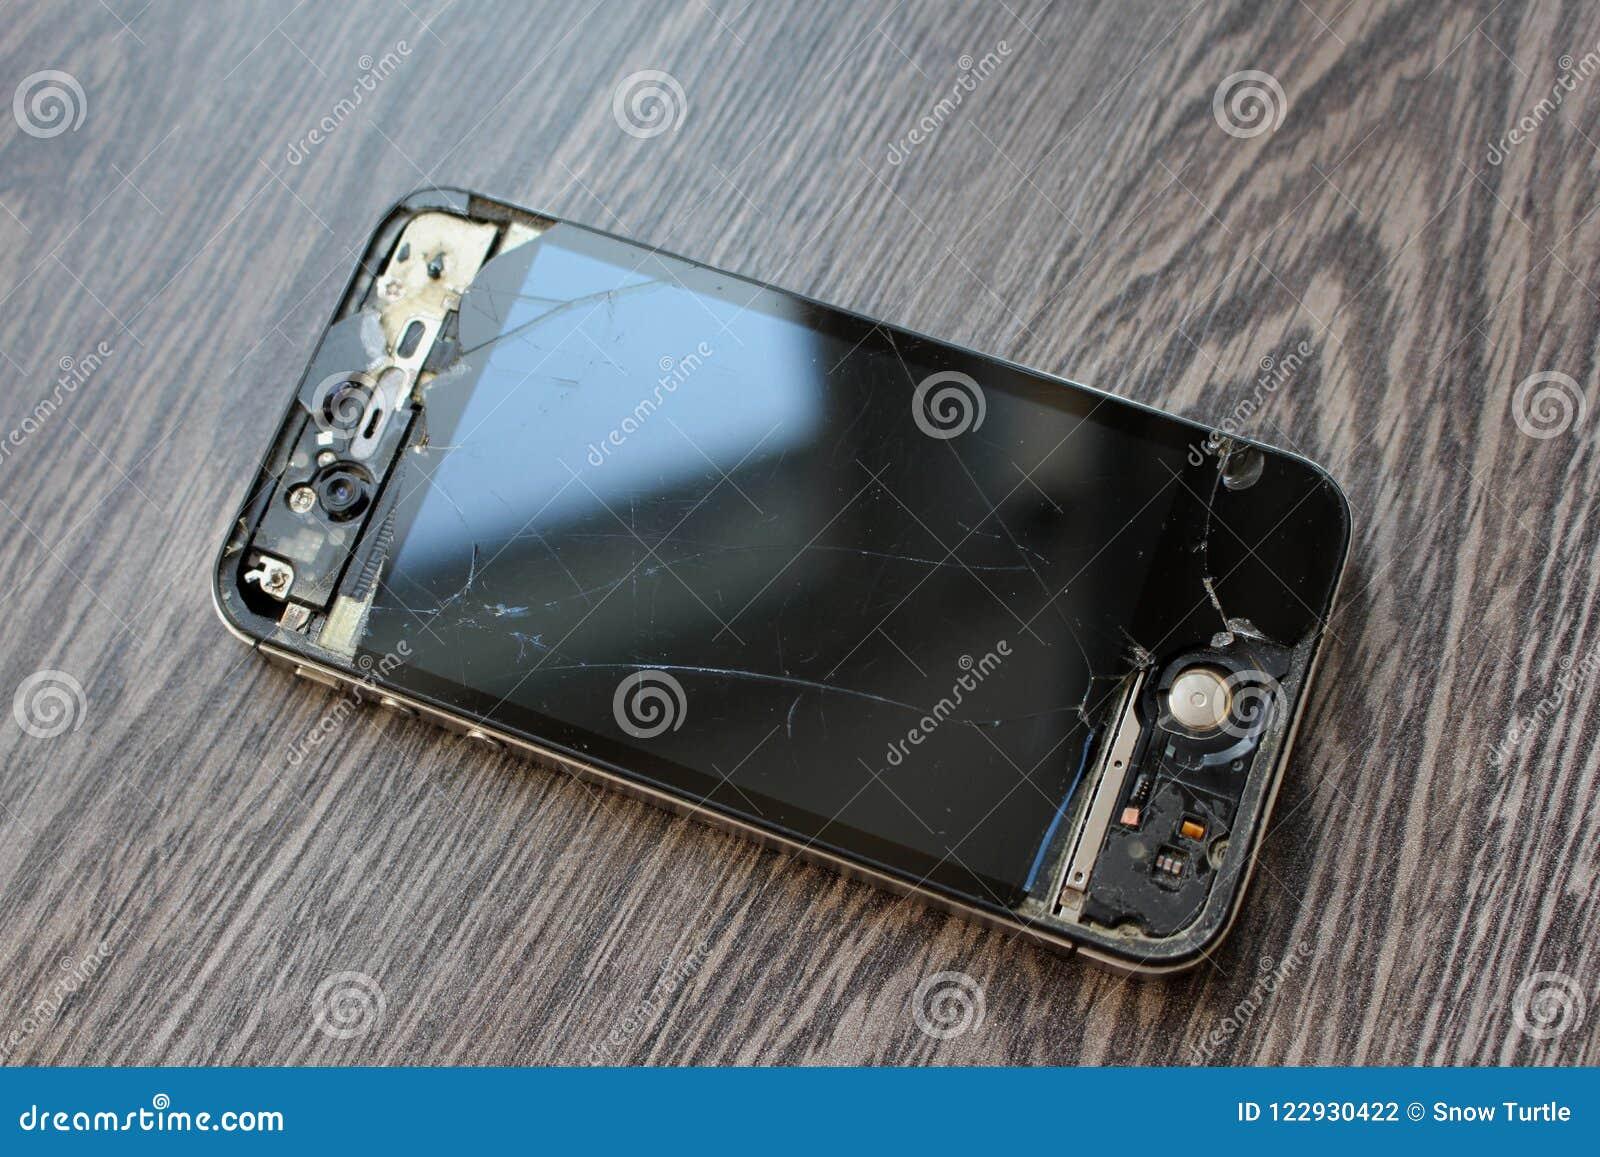 Photo of a Black Broken iPhone Smartphone